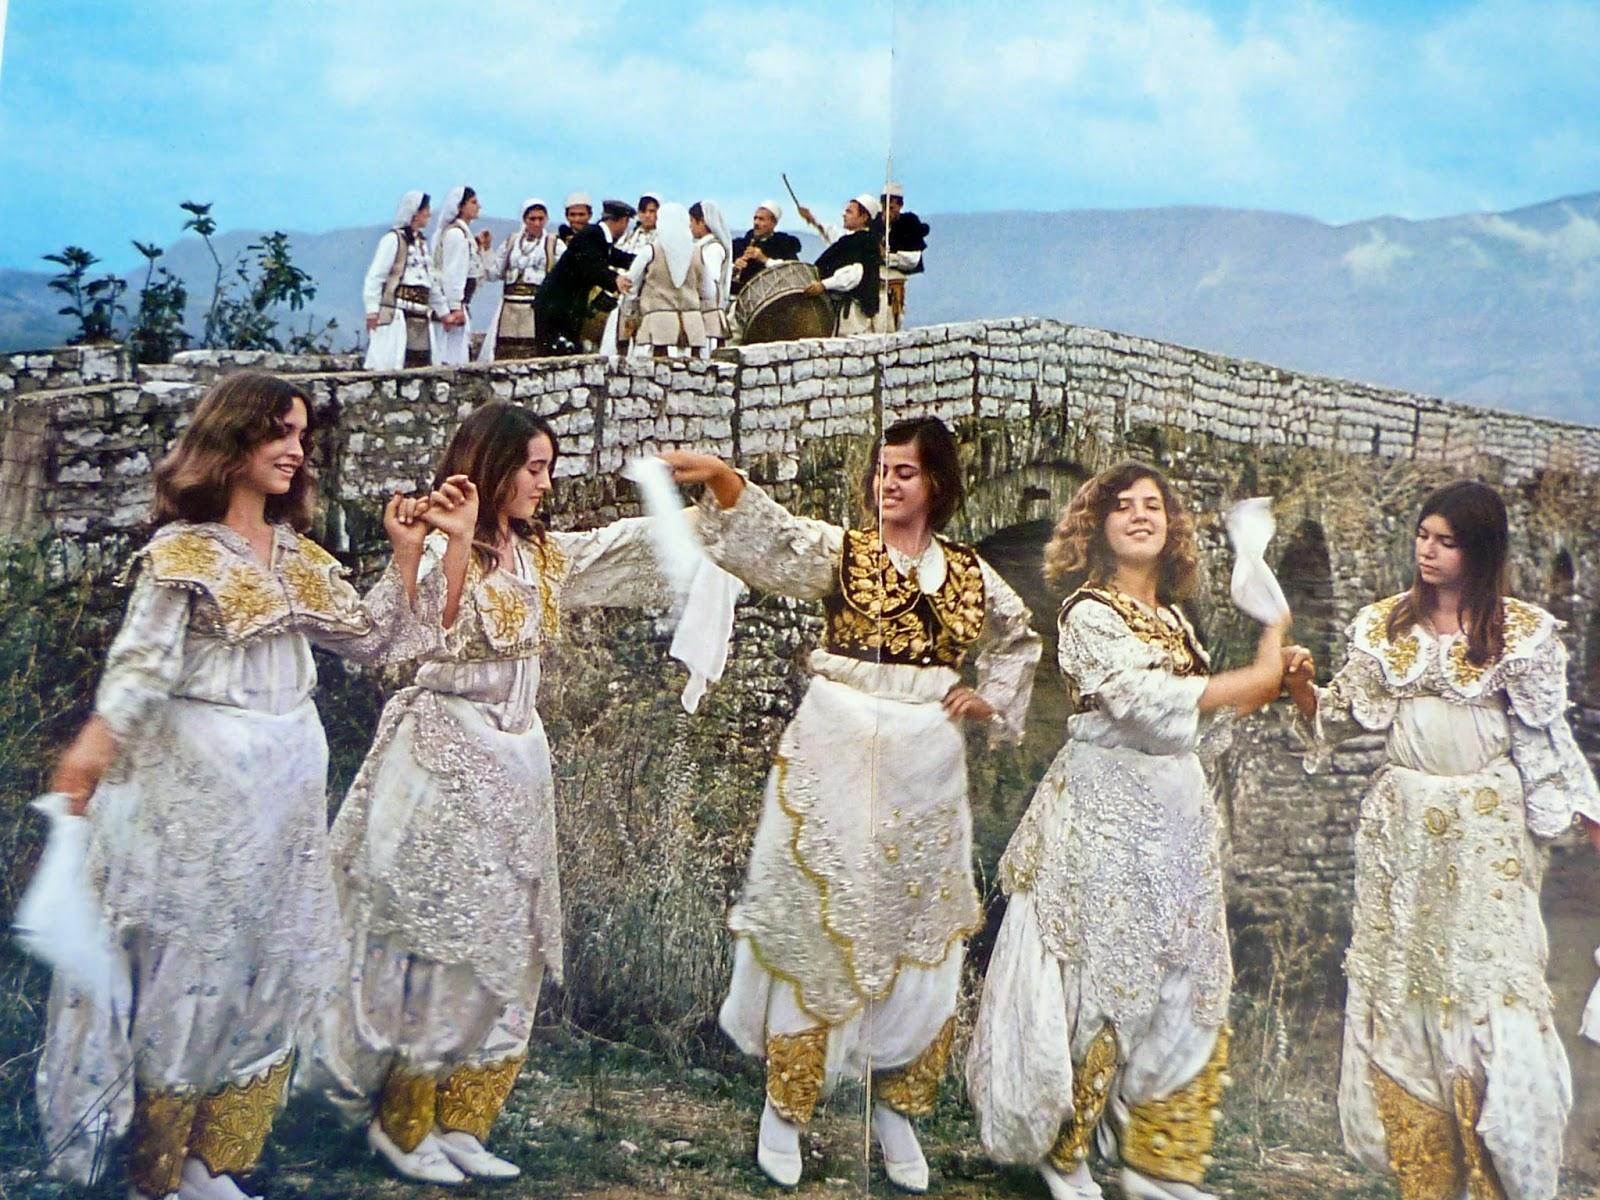 veshje-grash-me-dimi_shqiperi-e-mesme